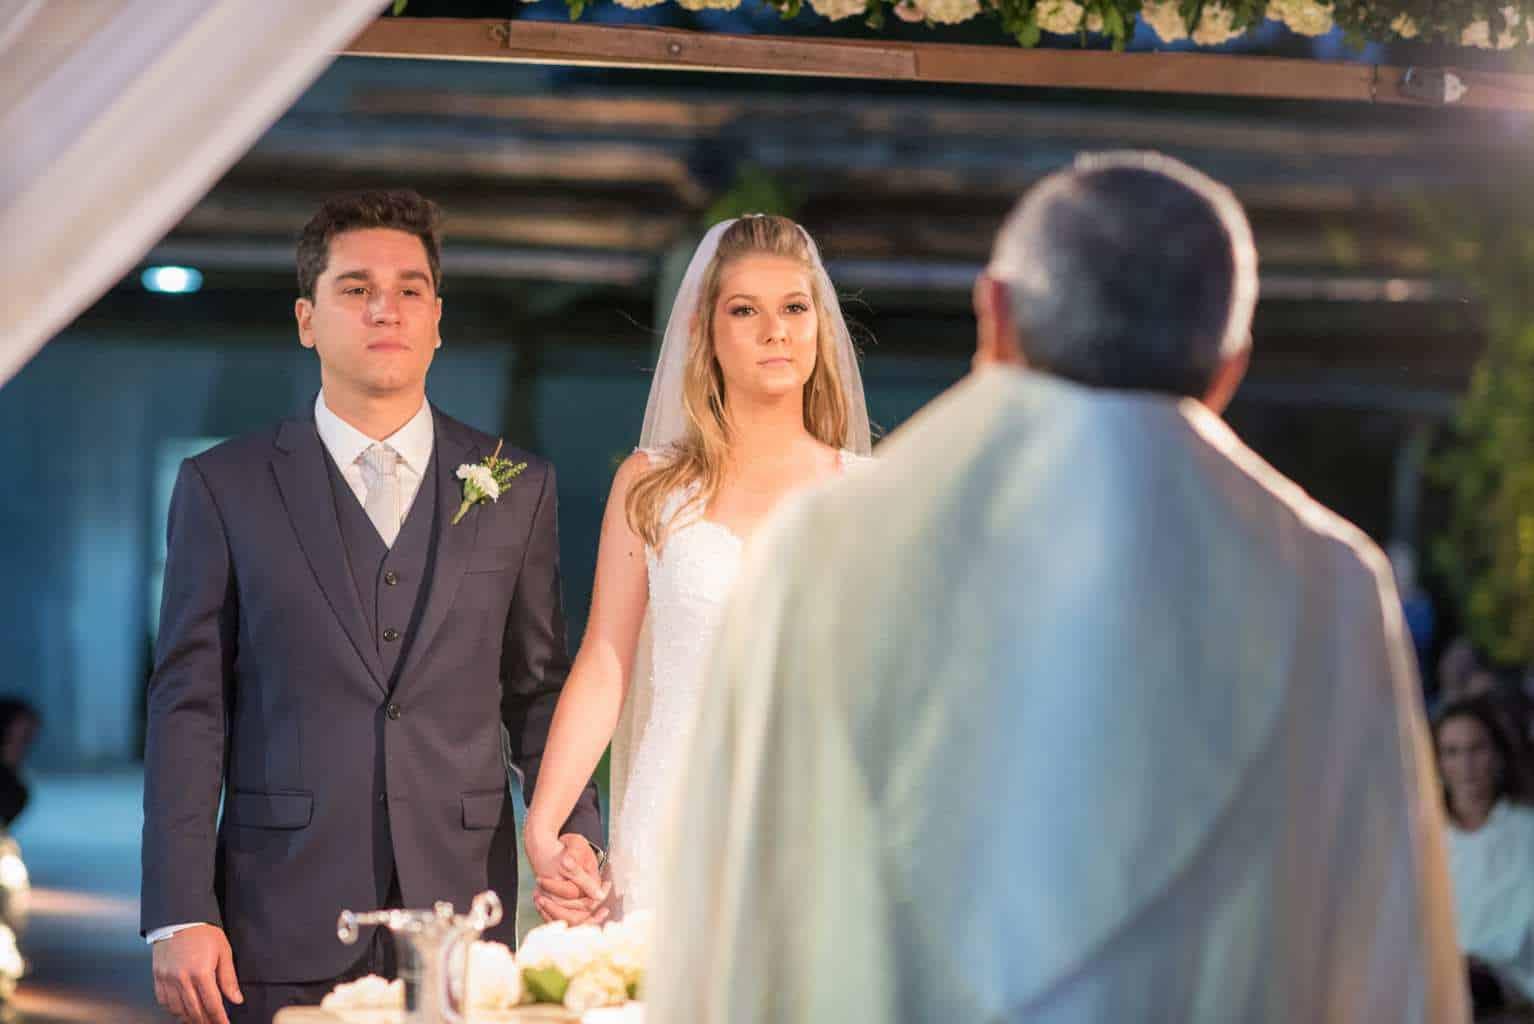 casamento-de-dia-casamento-Nicole-e-Thales-casamento-no-jardim-csasamento-ao-ar-livre-Fotografia-Marina-Fava-Galeria-Jardim-Rio-de-Janeiro-88